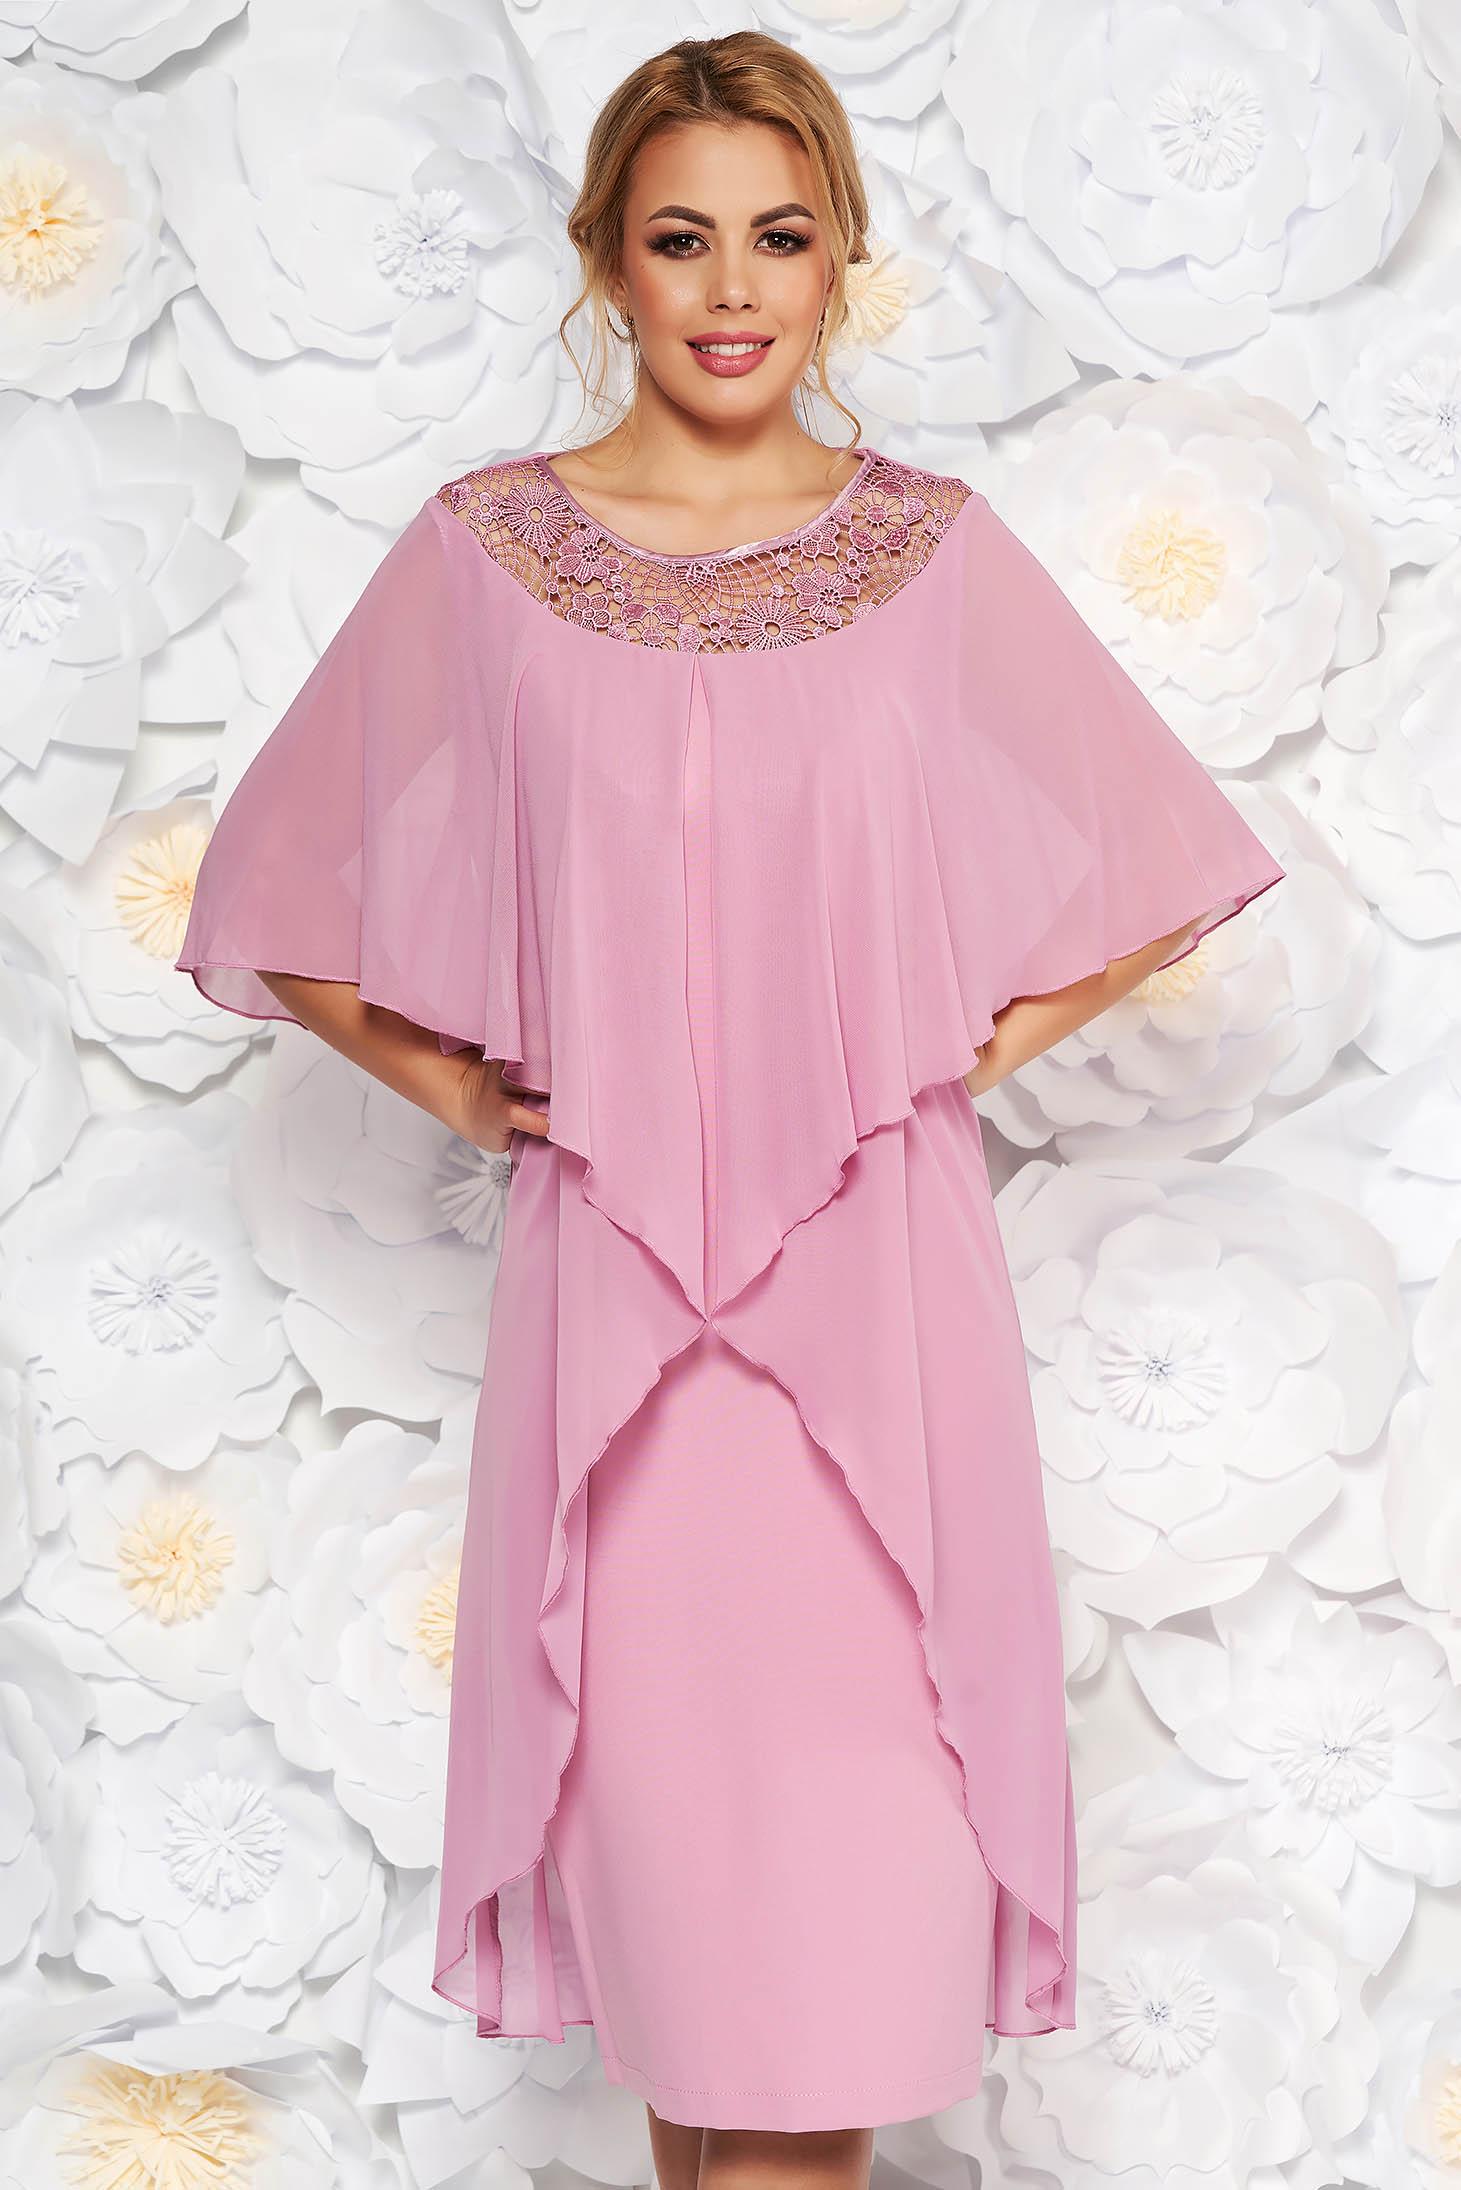 Rochie roz prafuit de ocazie cu un croi drept din stofa usor elastica si suprapunere cu voal